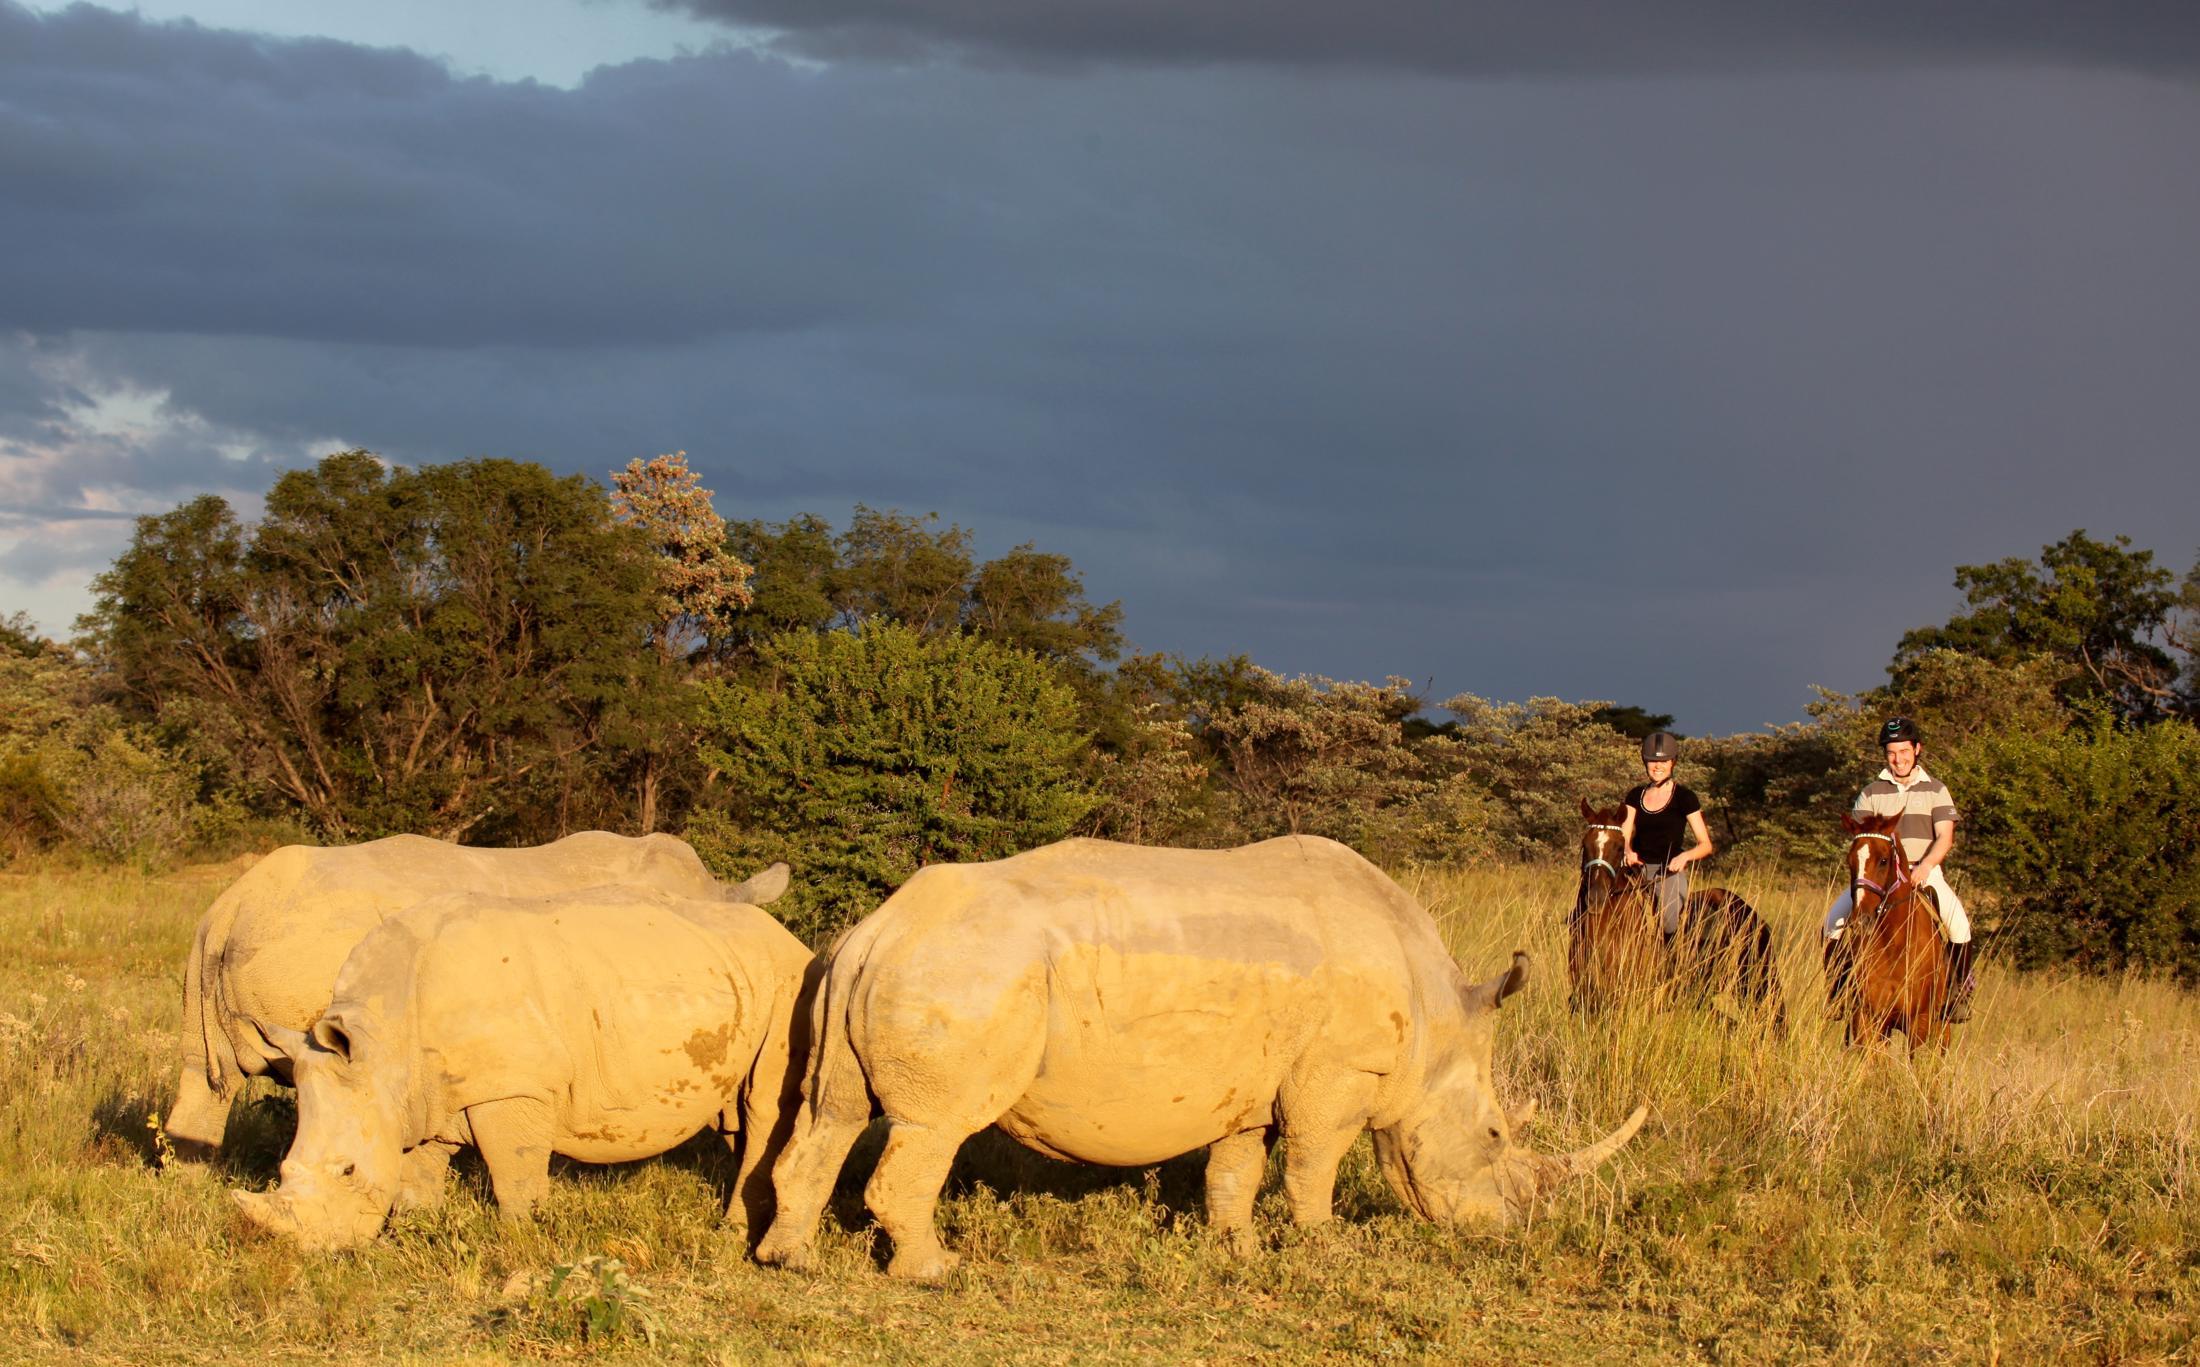 Paarden safari Afrika - Paardrijden in de Waterbergen met neushoorns